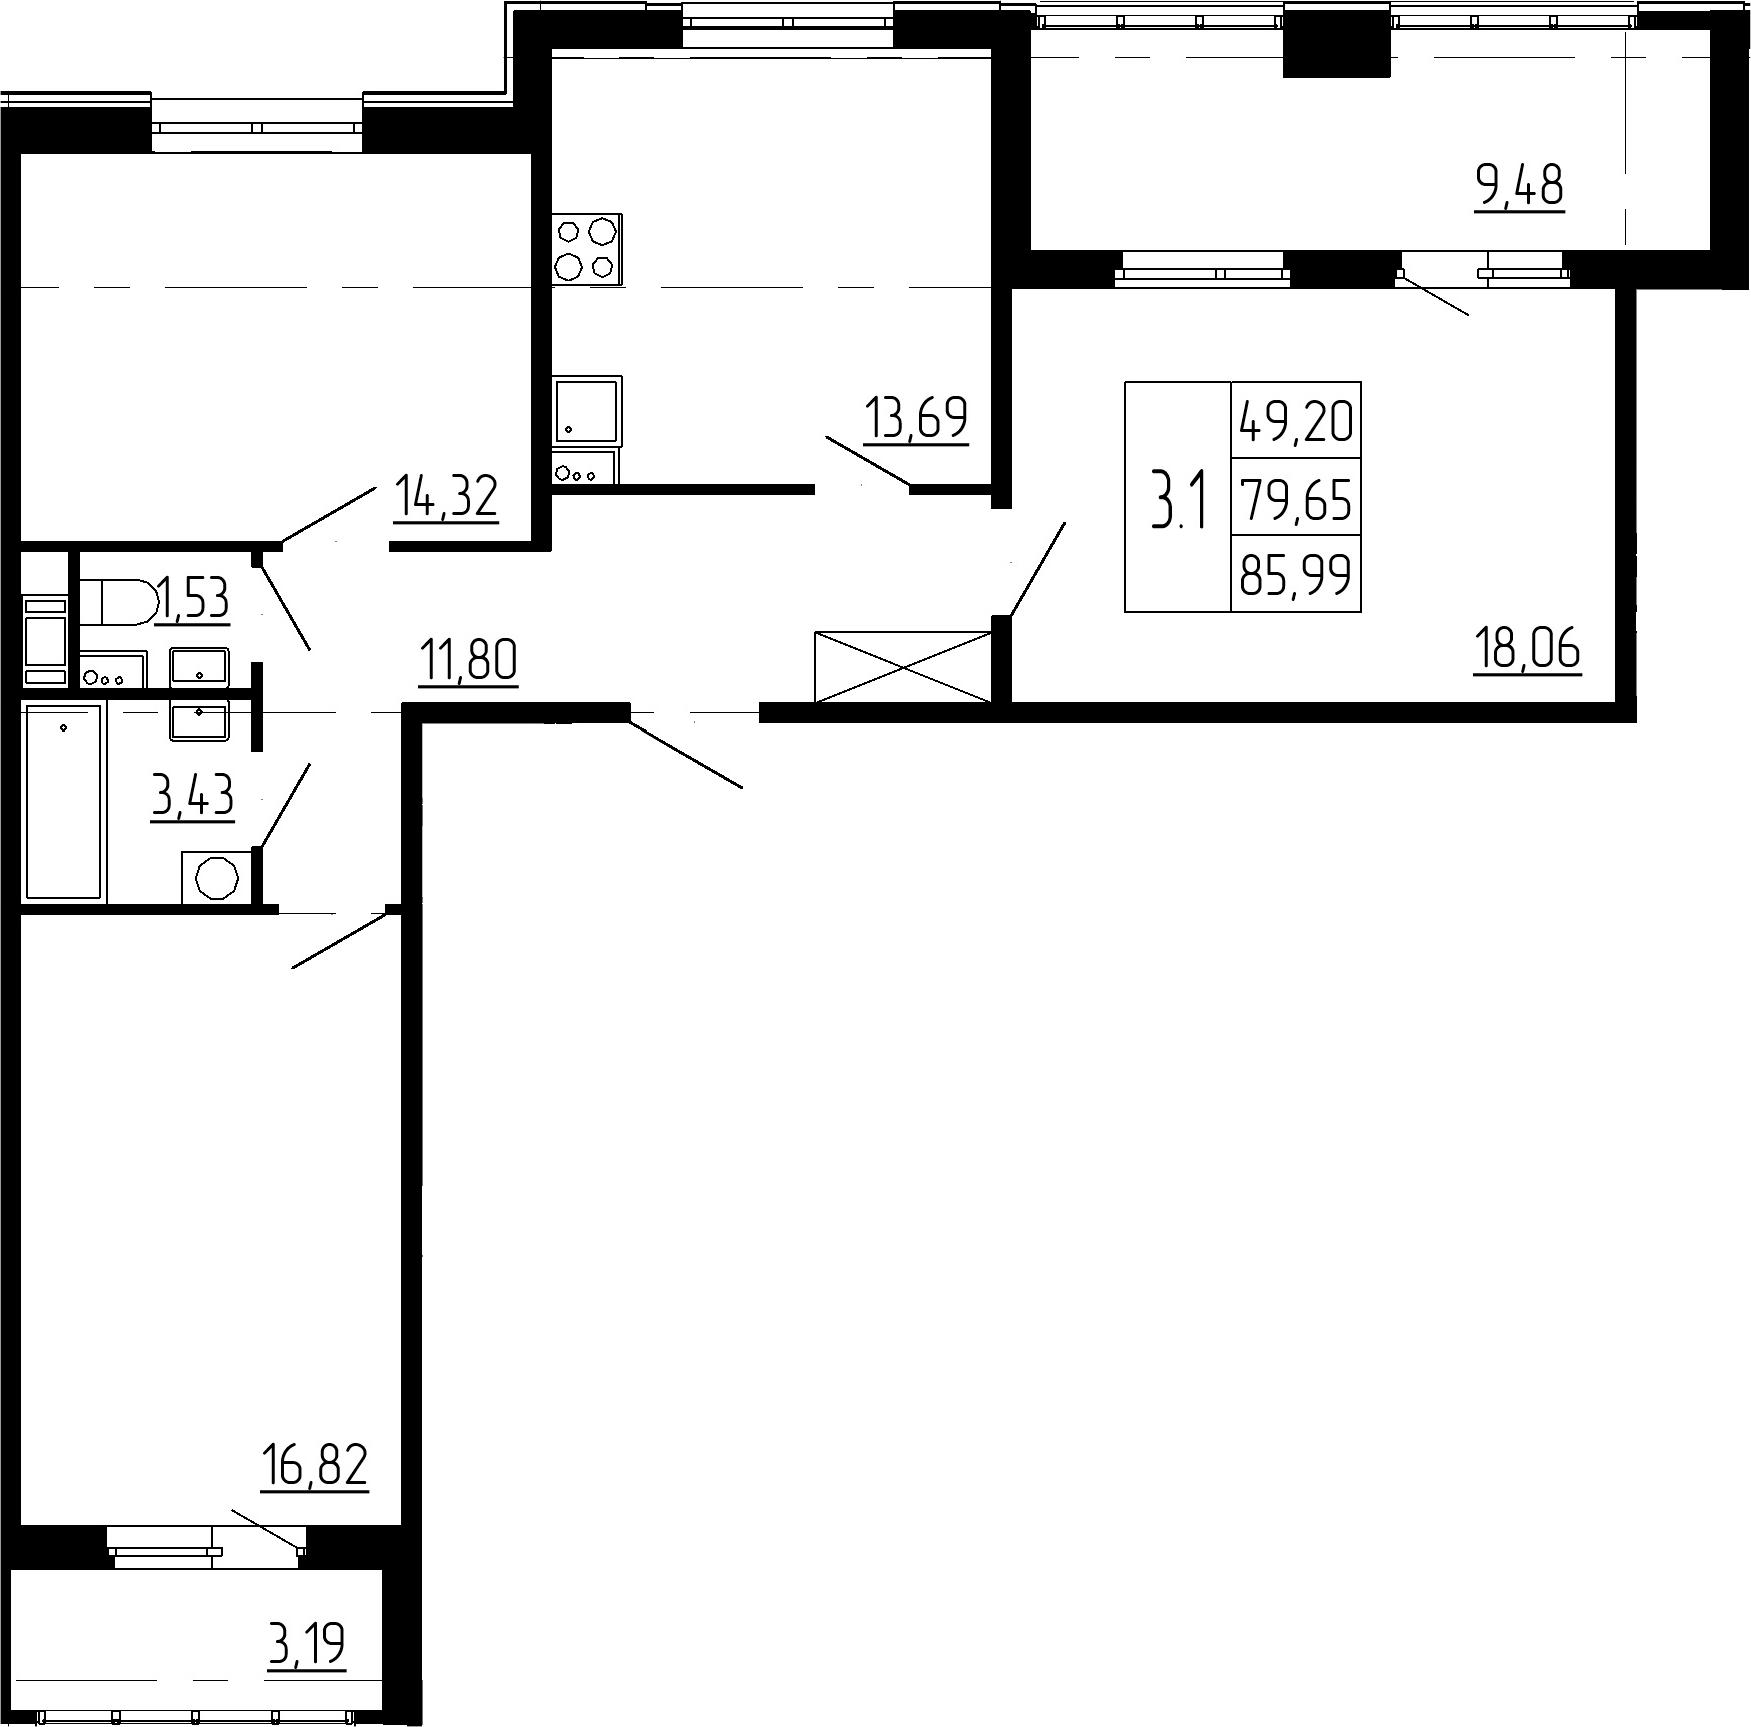 3-к.кв, 79.65 м²